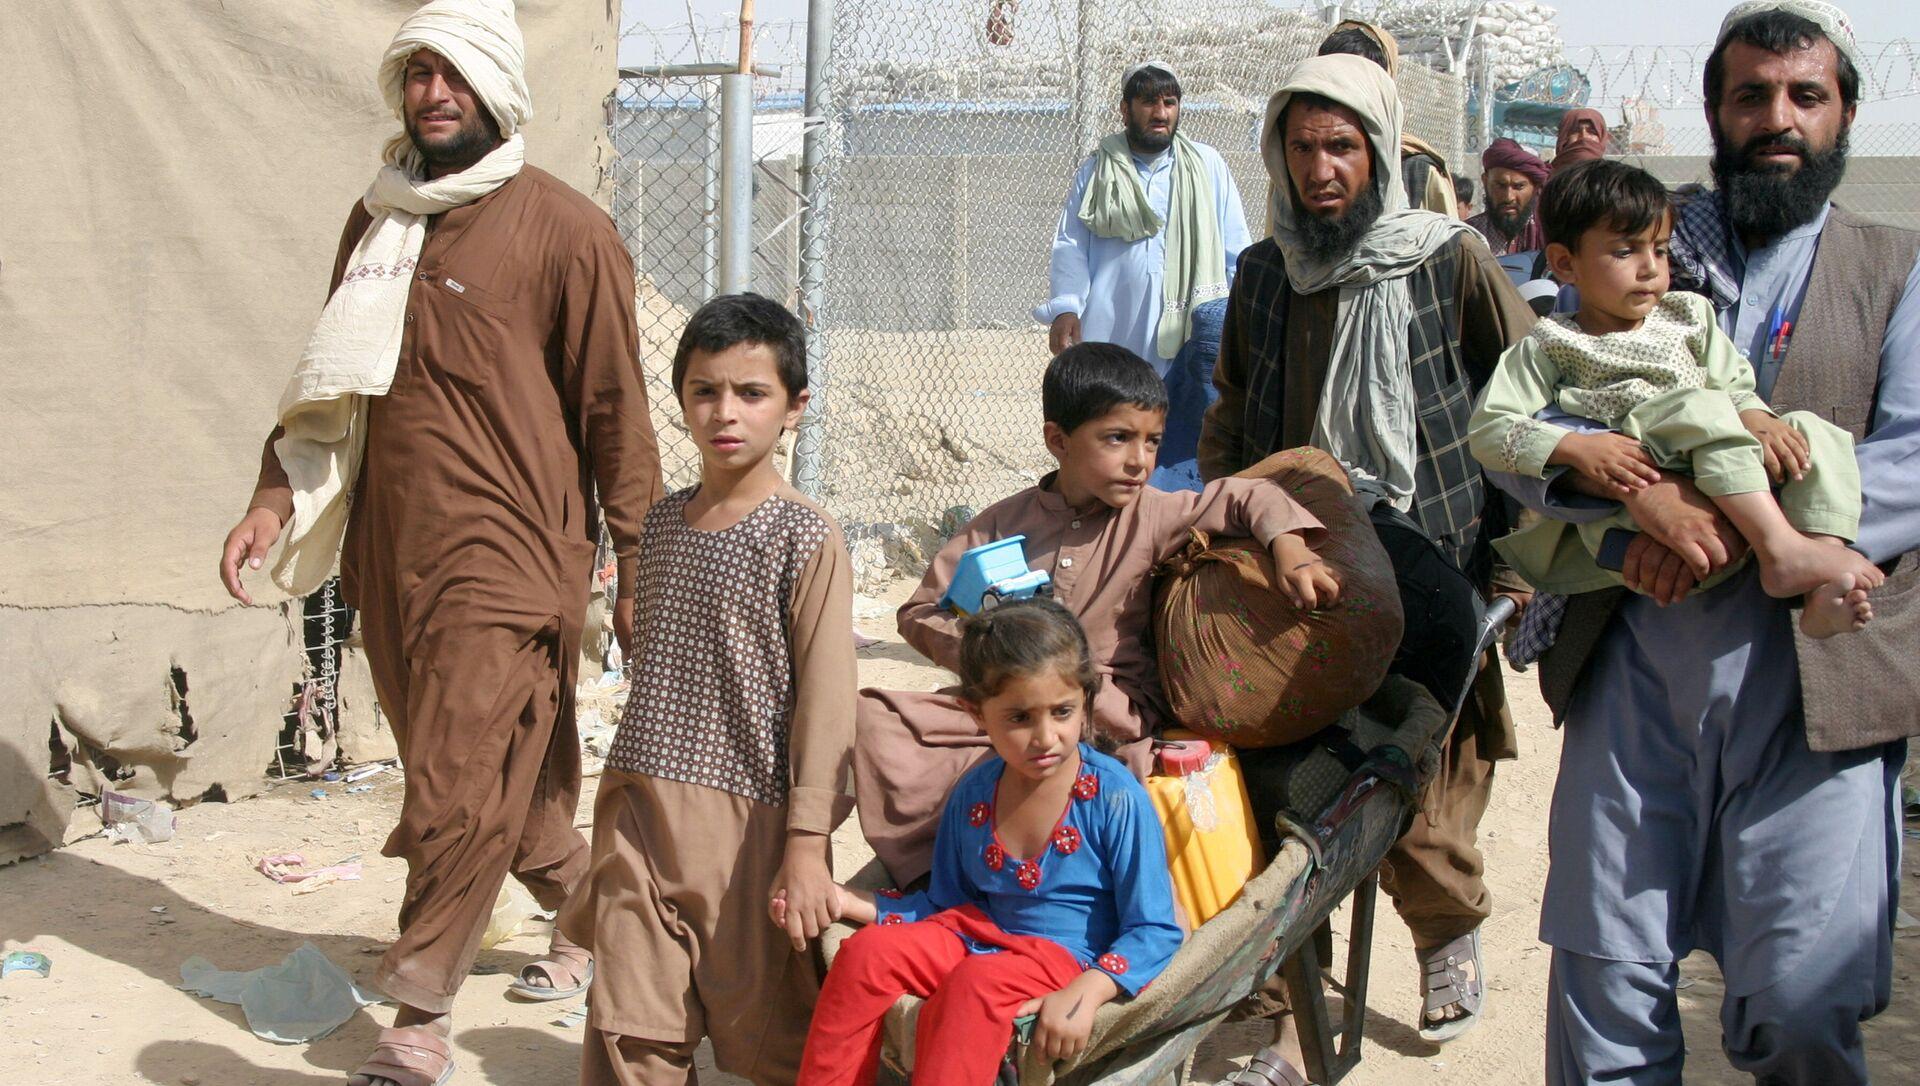 Một gia đình Afghanistan tại trạm kiểm soát Gate of Friendship ở thị trấn biên giới Pakistan-Afghanistan của Chaman, Pakistan - Sputnik Việt Nam, 1920, 03.09.2021